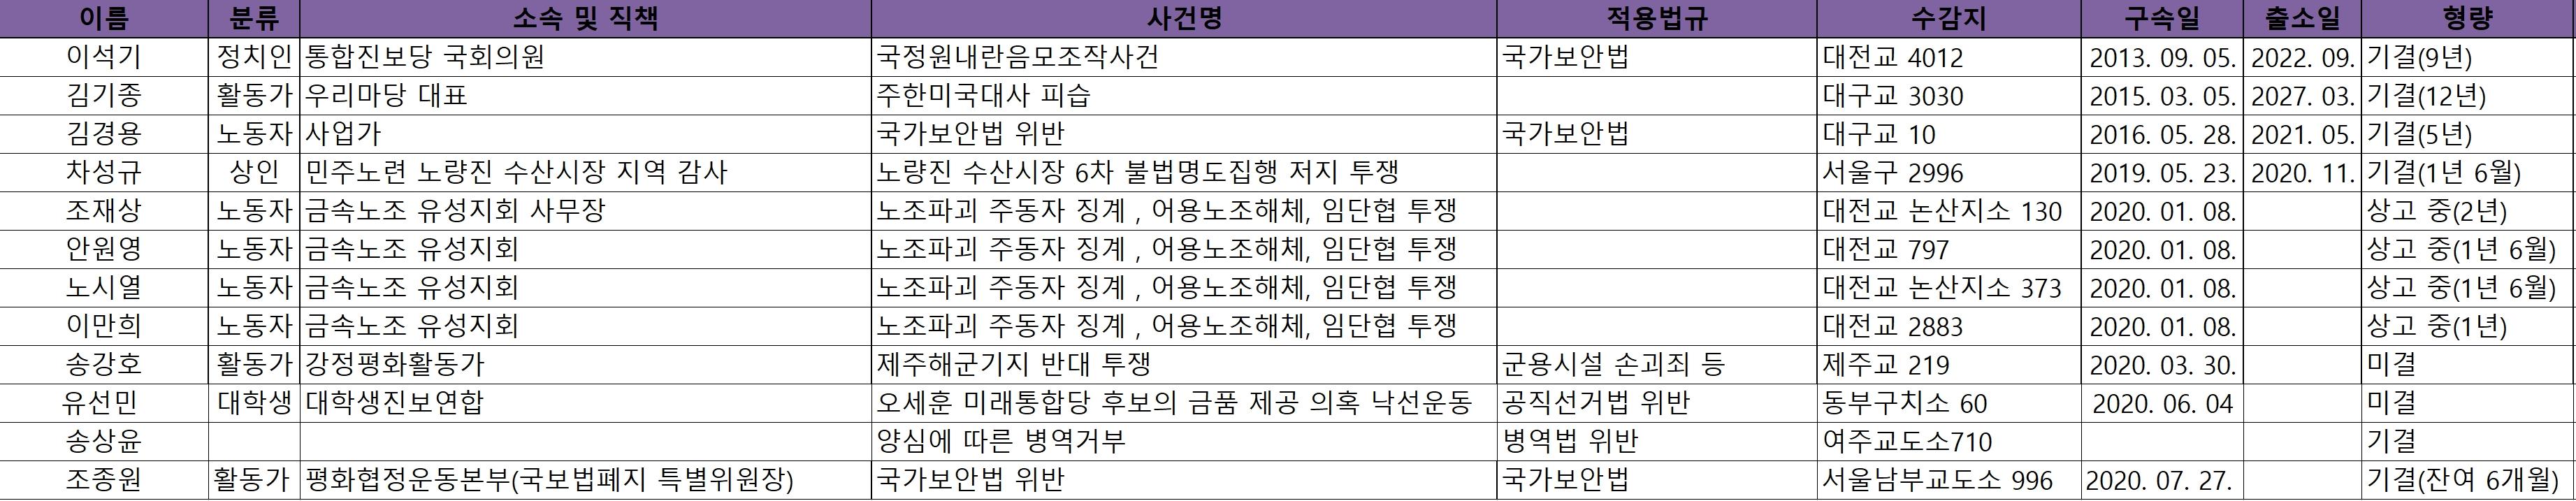 20200914양심수현황.jpg